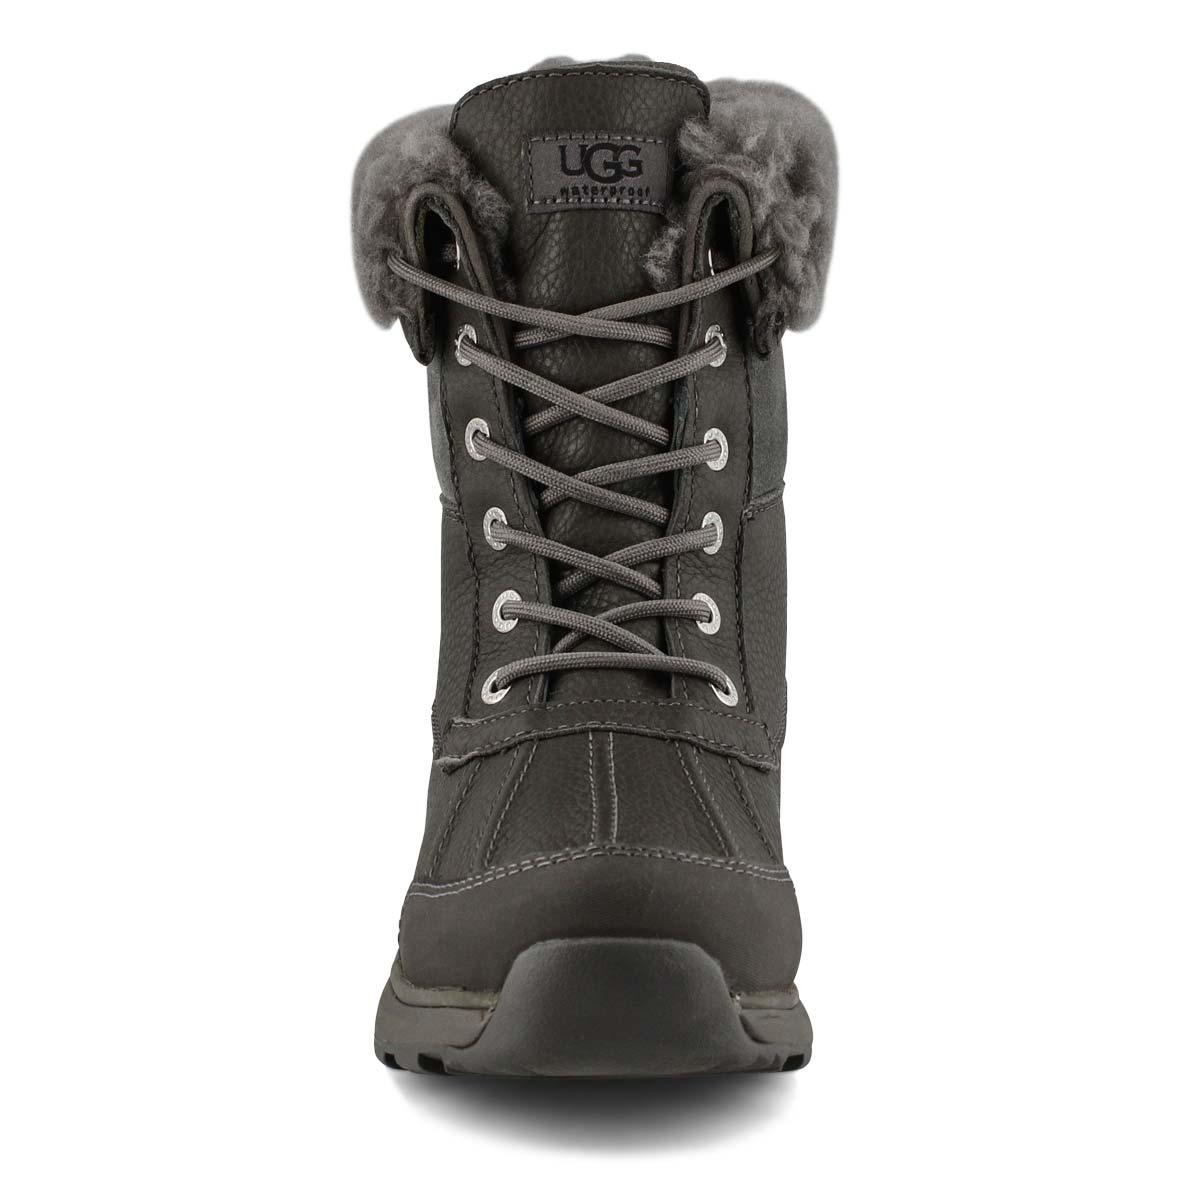 Lds Adirondack III charcoal winter boot